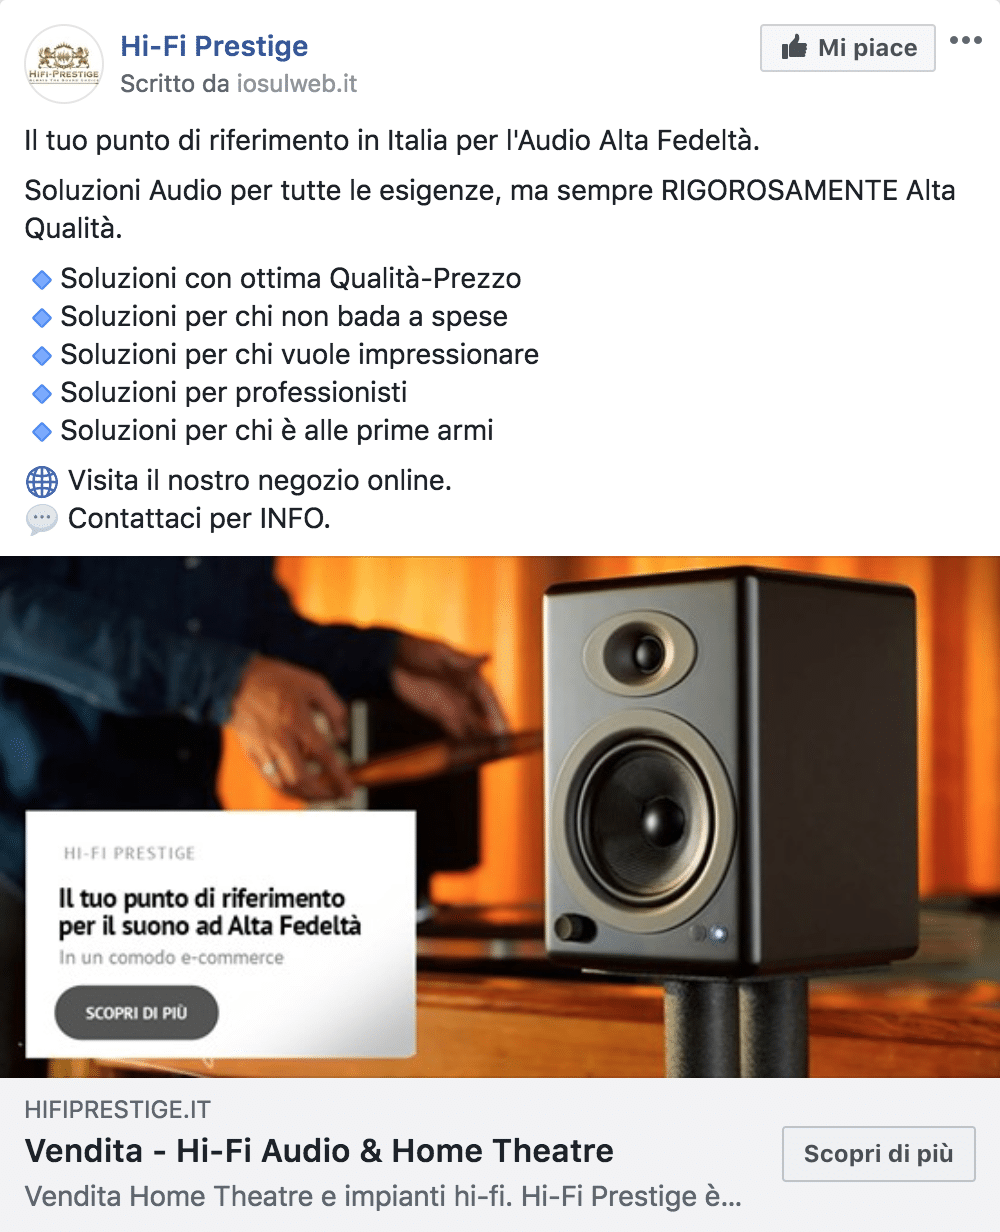 Esempio EcommercePagina Facebook: Hi-Fi Prestige